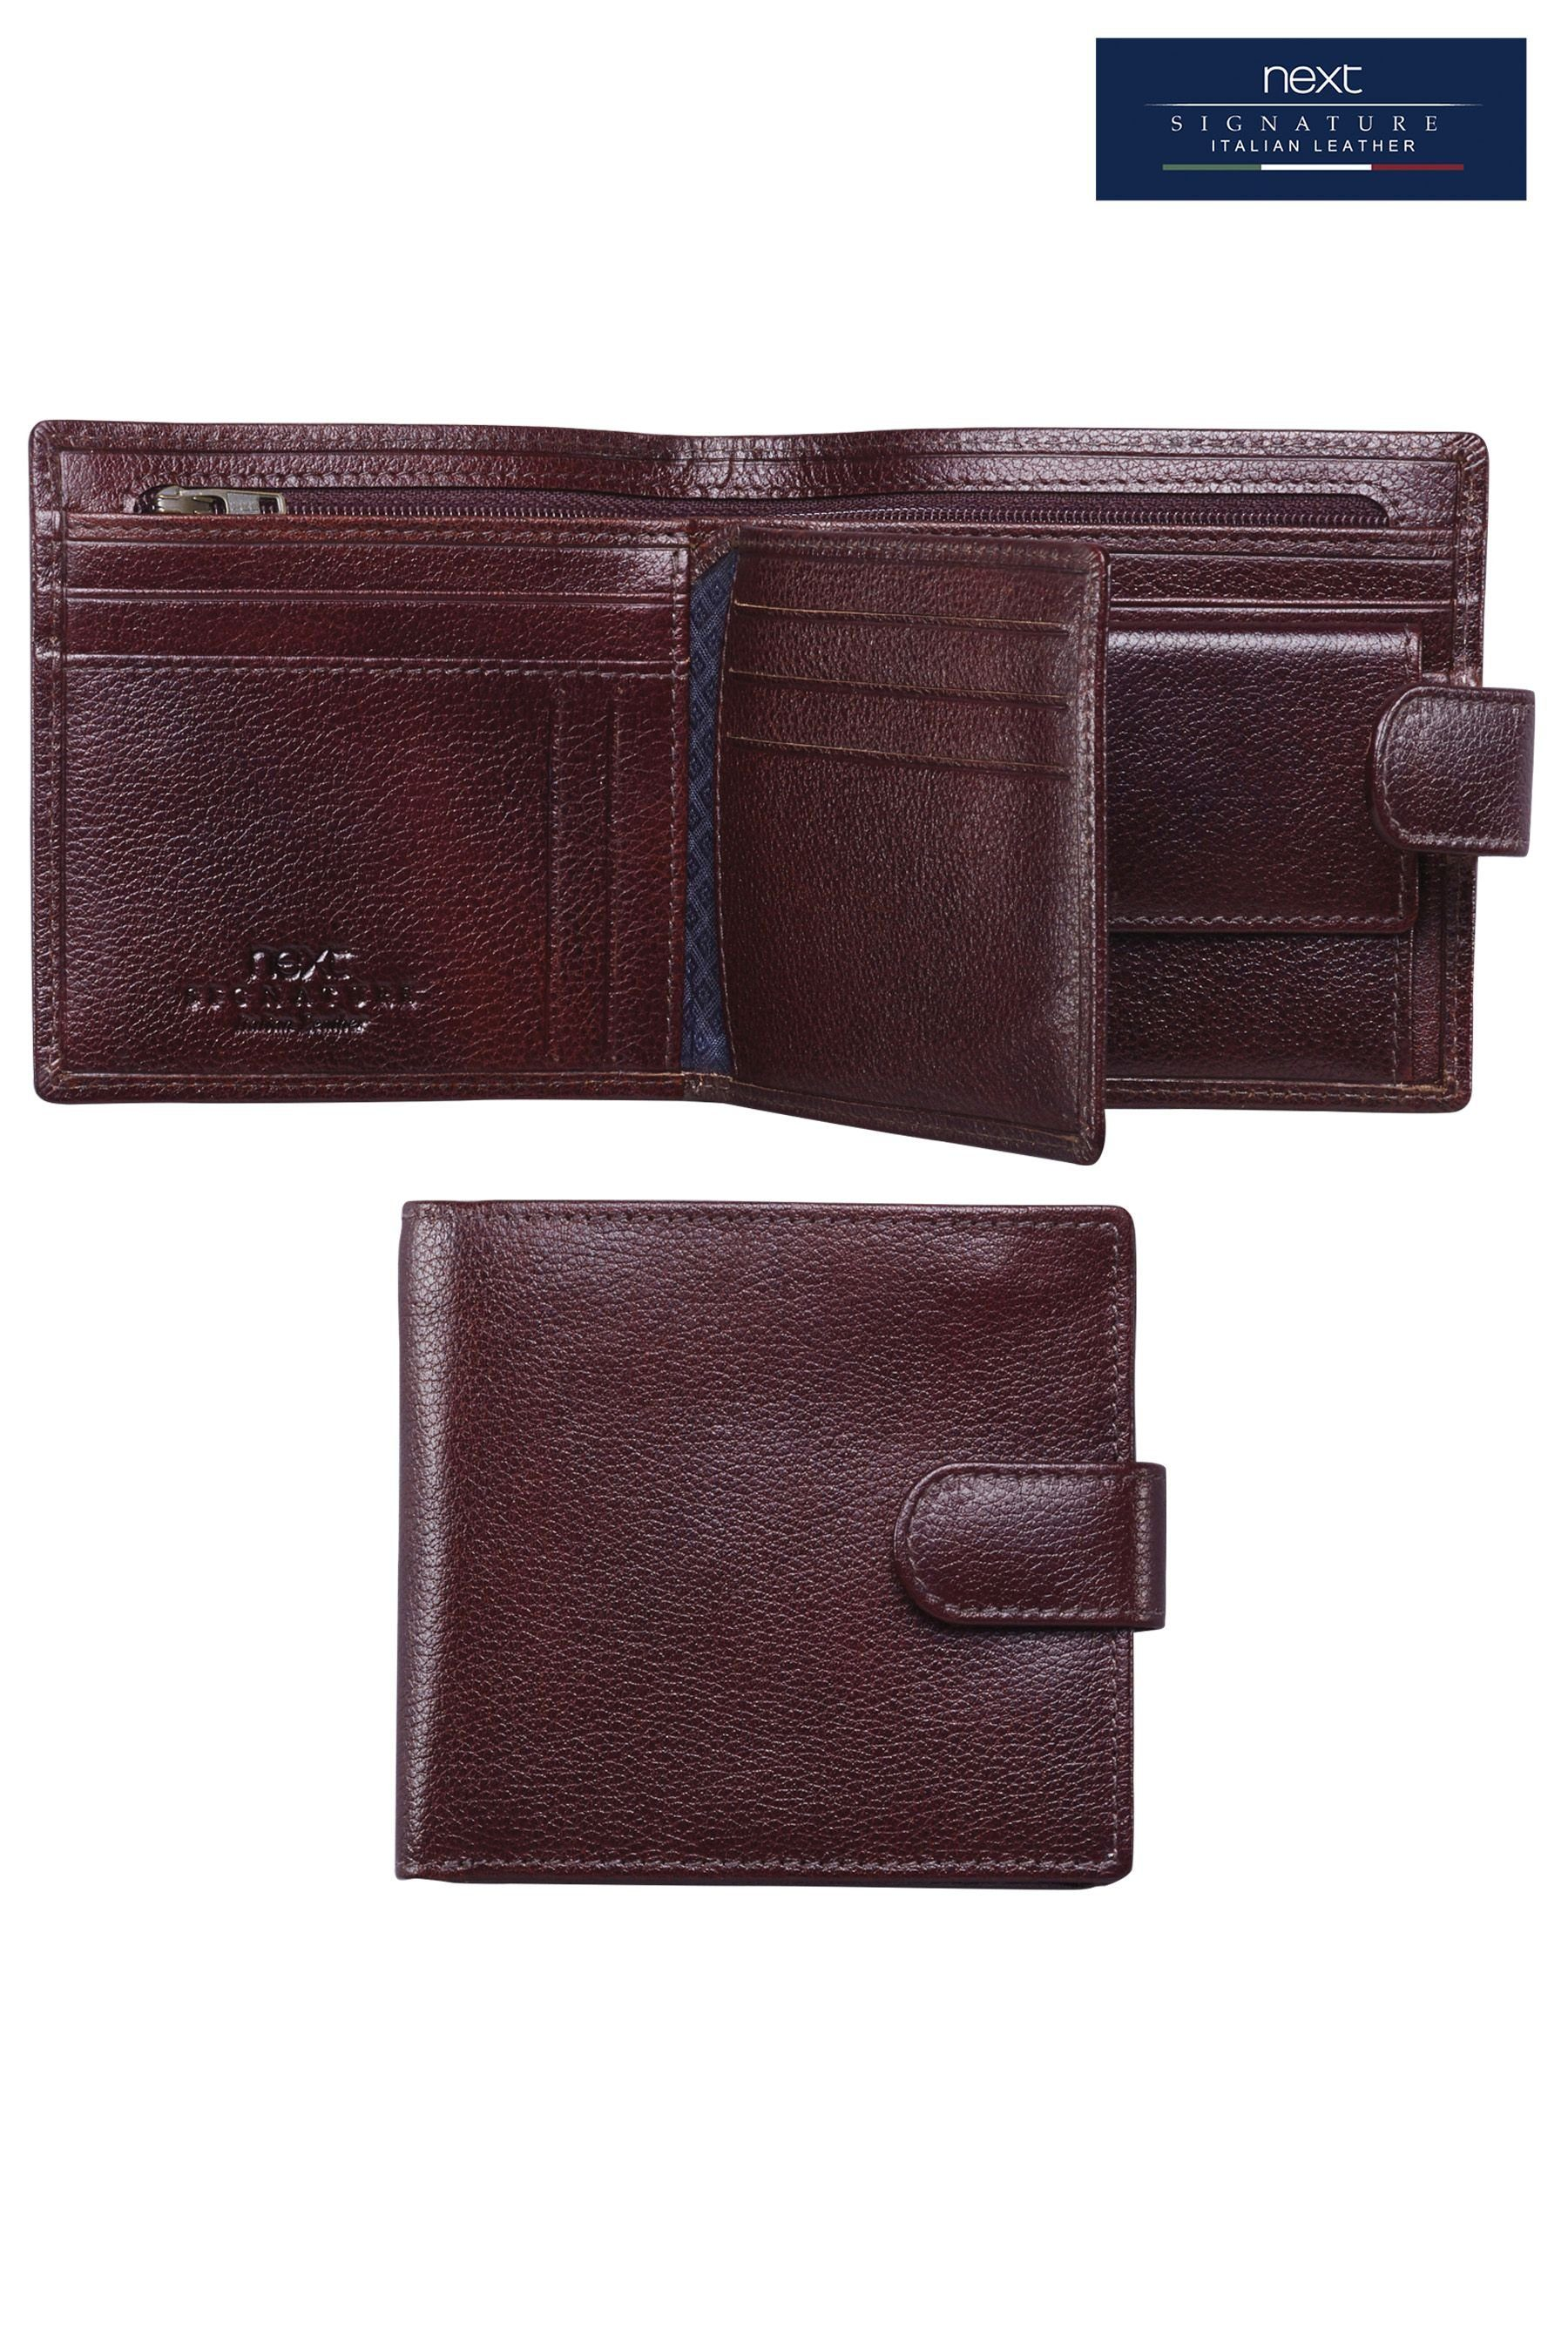 Next Große Brieftasche aus italienischem Leder mit Druckknopf